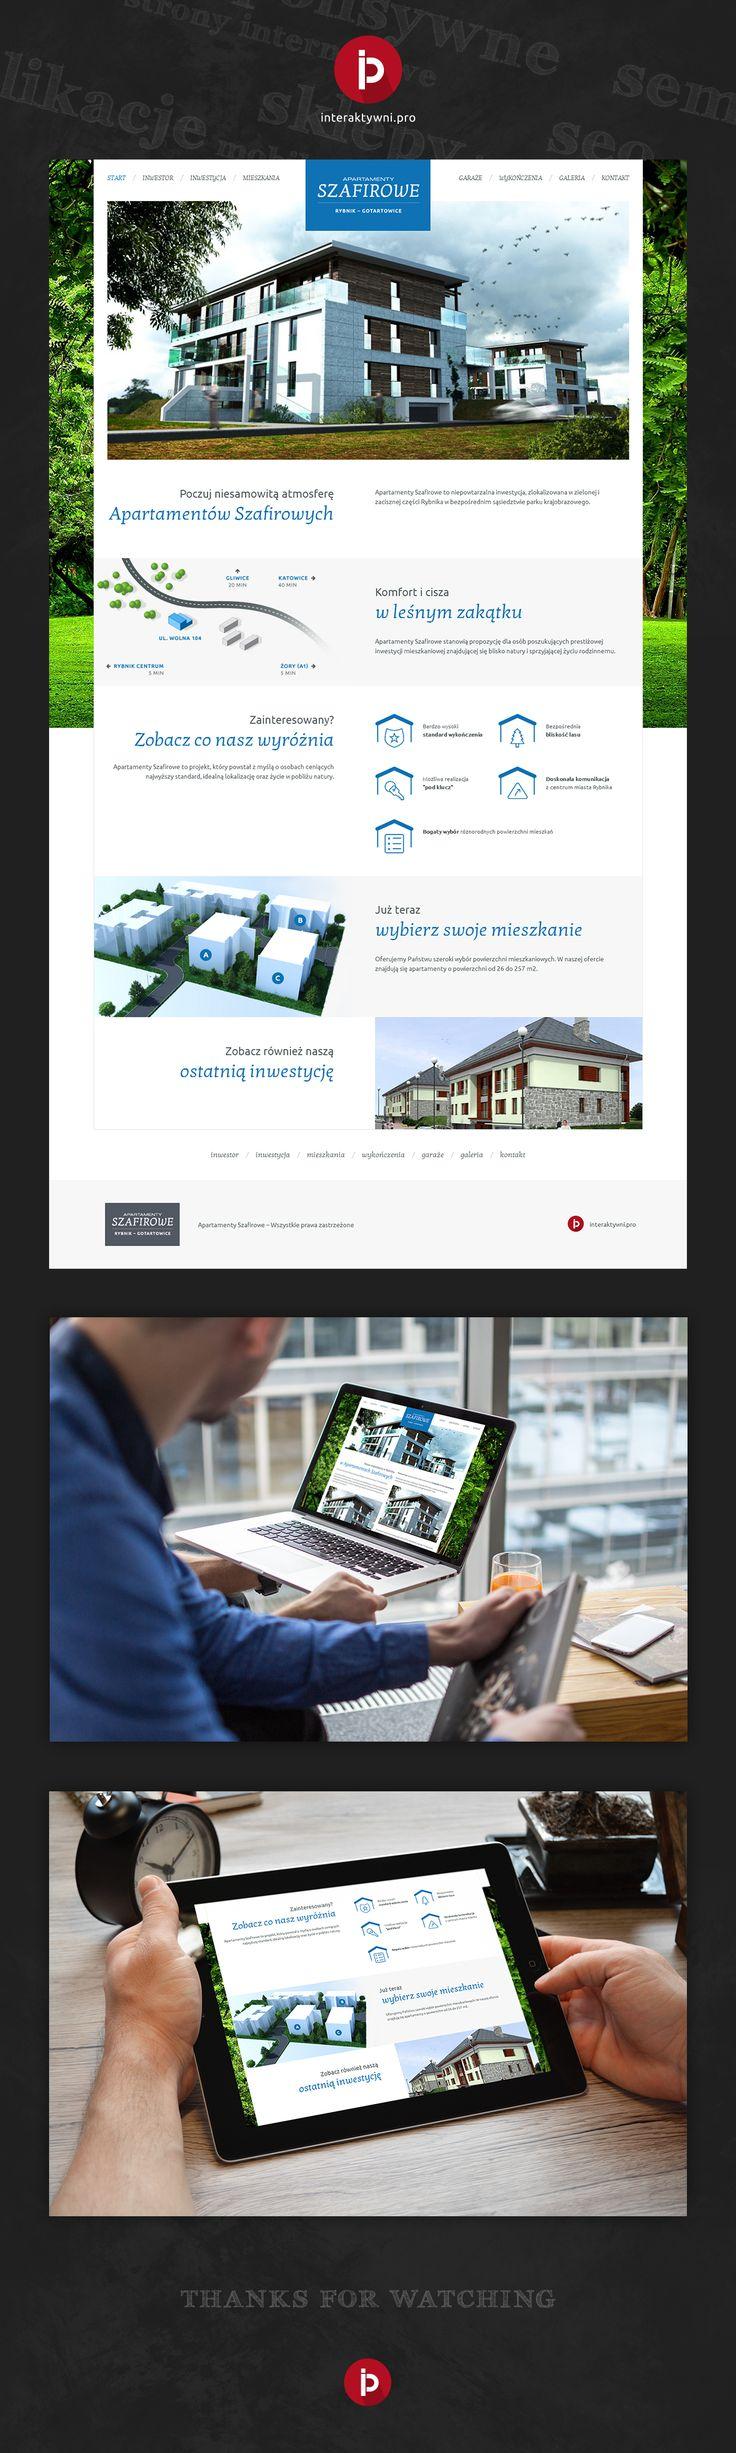 Responsywna strona internetowa oparta na autorskim systemie CMS Symfony. Realizacja Interaktywni.pro. // Responsive website based on Symfony CMS. Implemented by Interaktywni.pro. #rwd #responsive #website #webdesign #ux #uxdesign #interatcive #symfony #cms